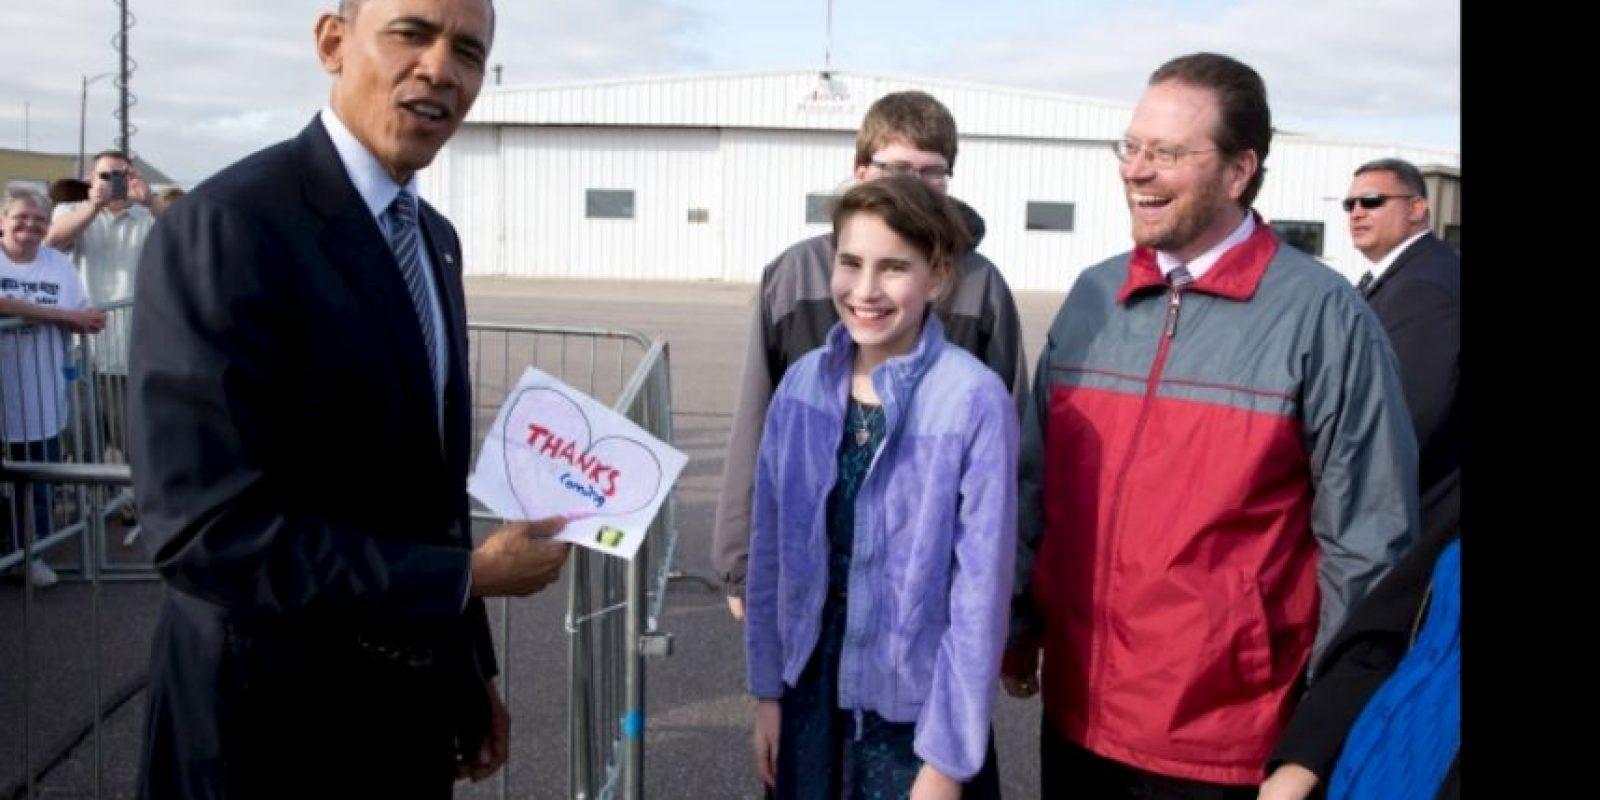 El presidente Barack Obama repara el corazón roto de Rebecca Kelley. Foto:Vía www.whitehouse.gov